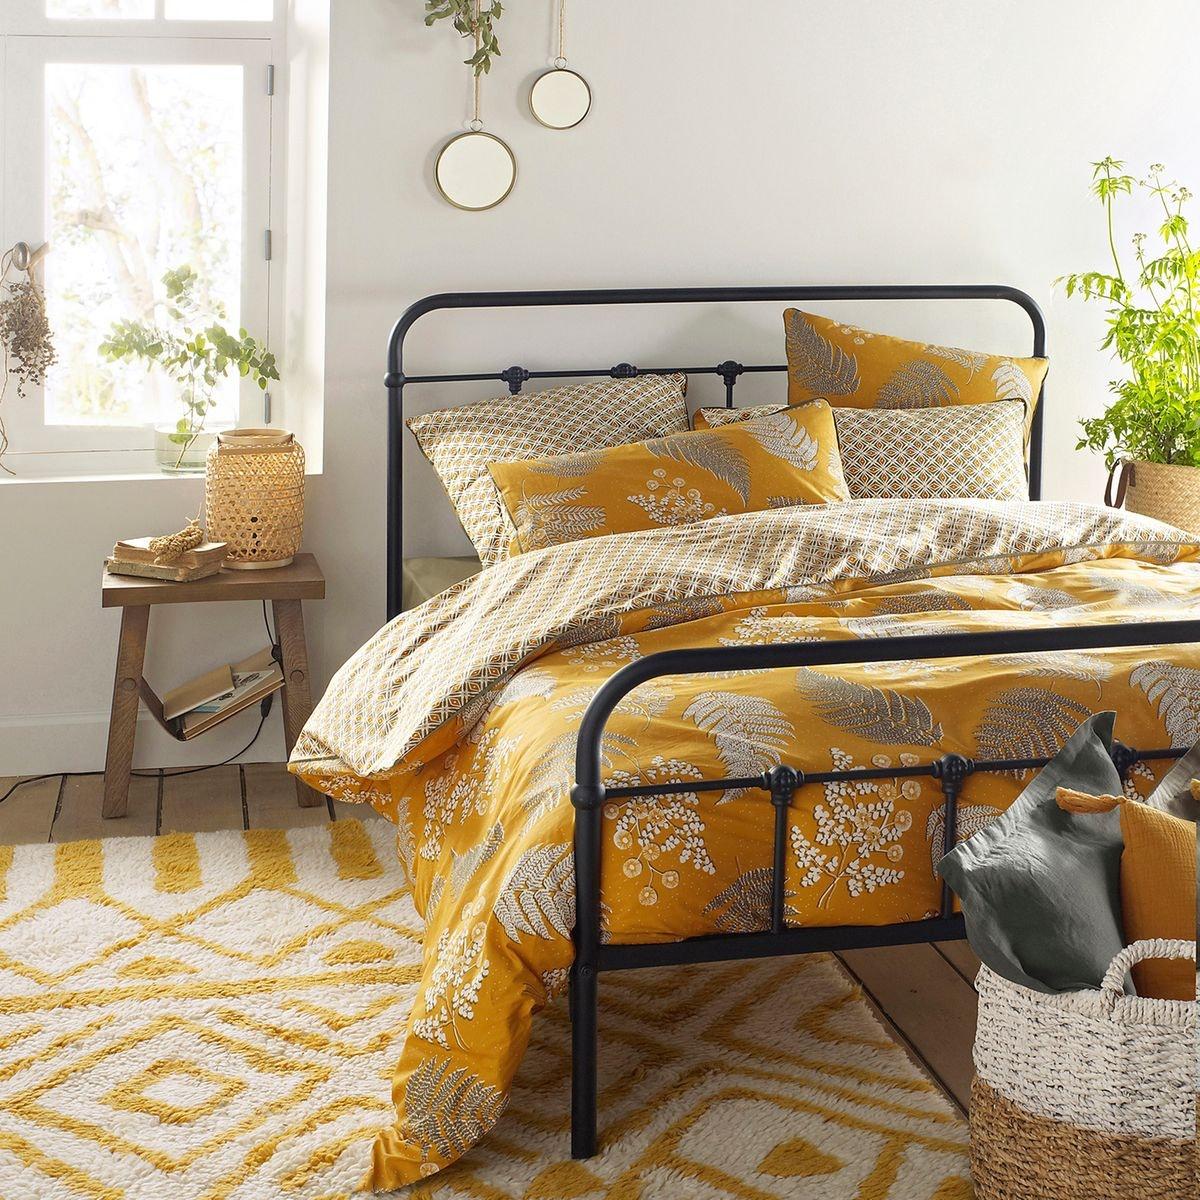 comment bien choisir sa housse de couette la redoute. Black Bedroom Furniture Sets. Home Design Ideas